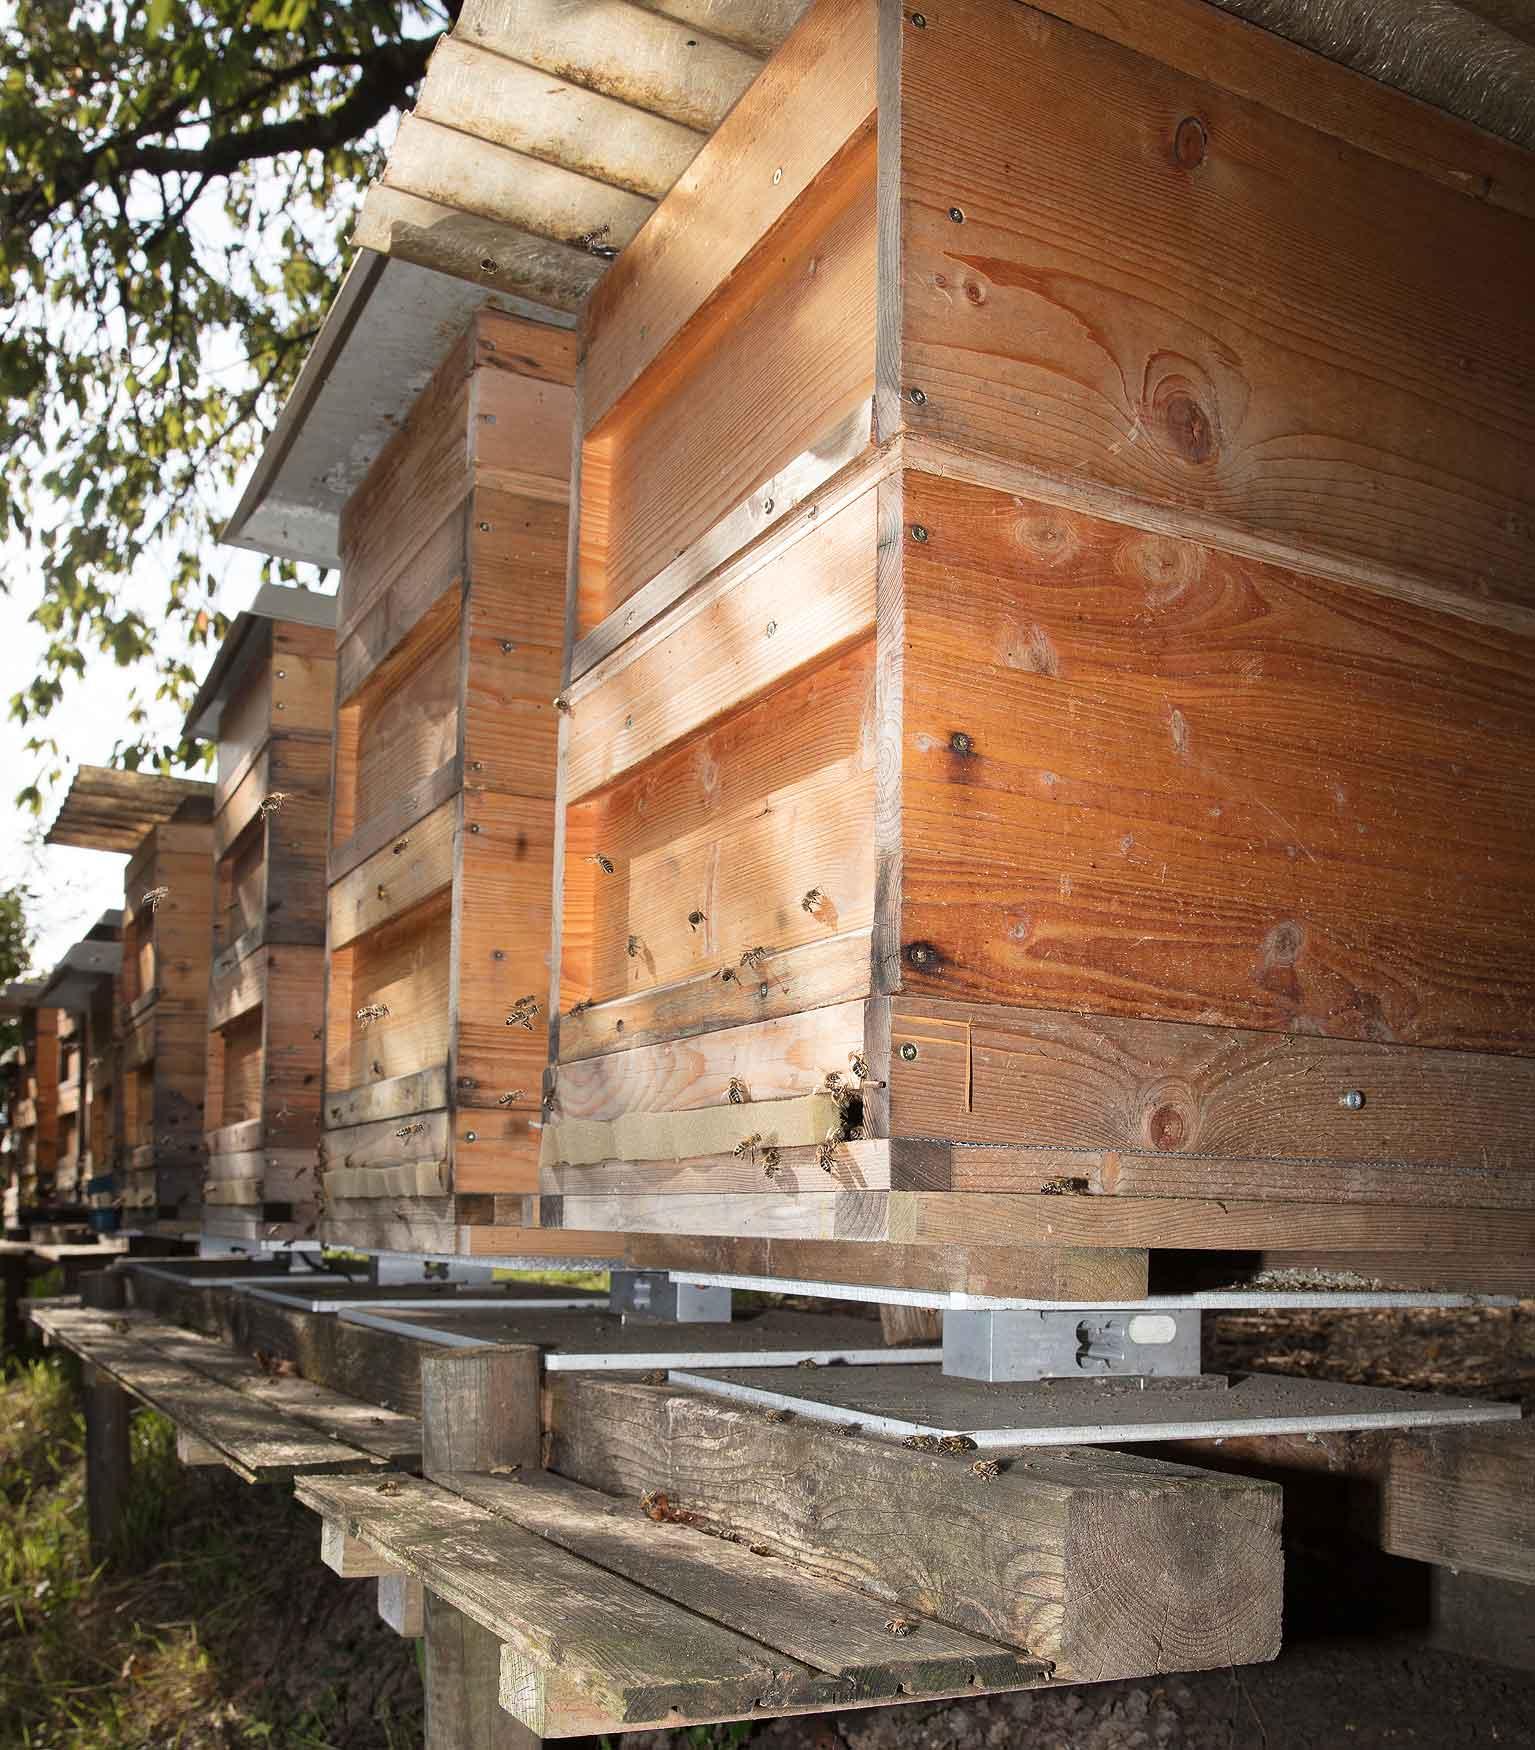 Balanza para colmenas debajo de una colmena - HiveWatch